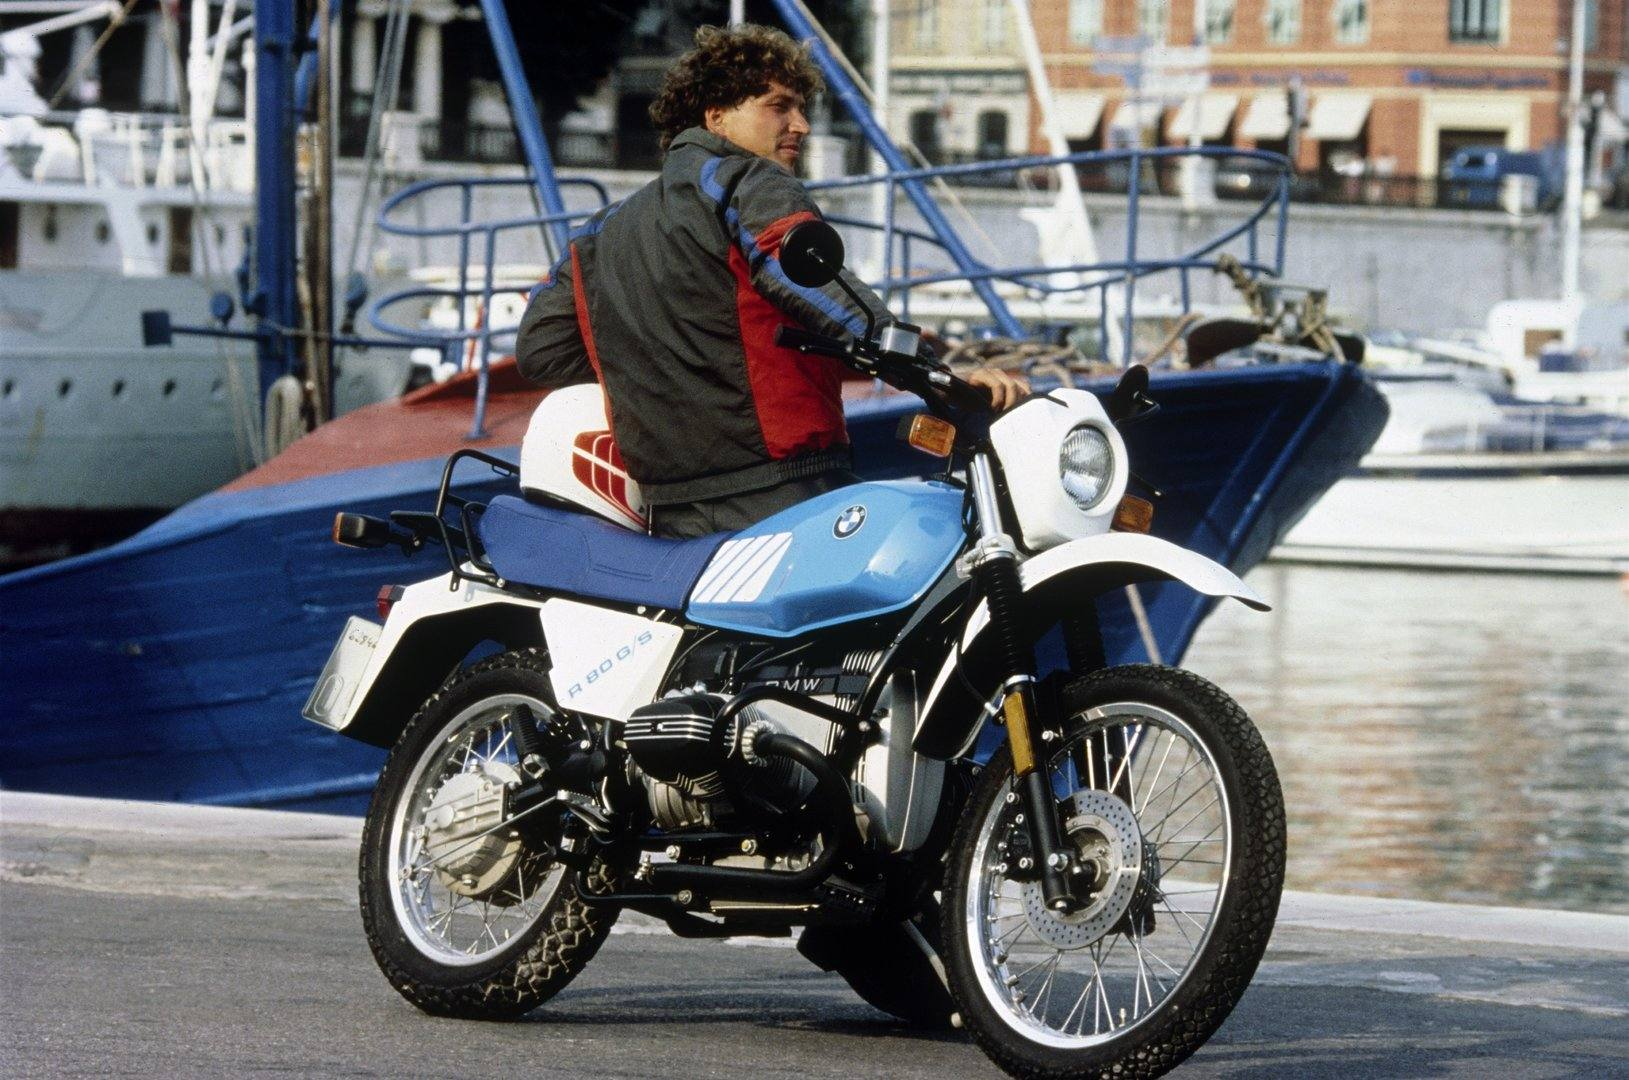 Moto del día: BMW R 80 G/S